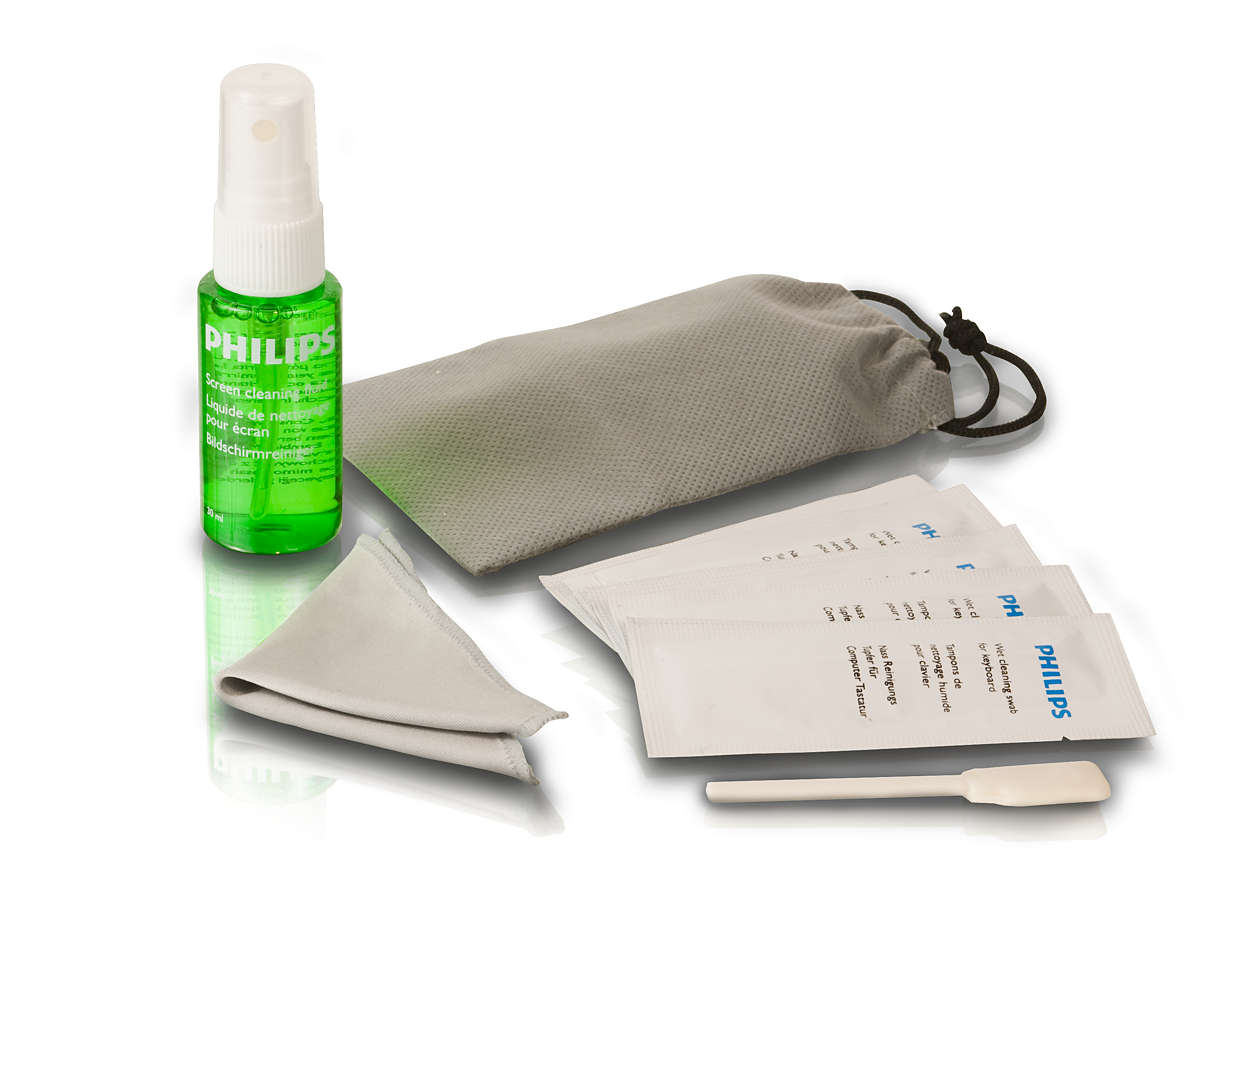 Per la pulizia sicura di schermi di laptop e dispositivi mobili